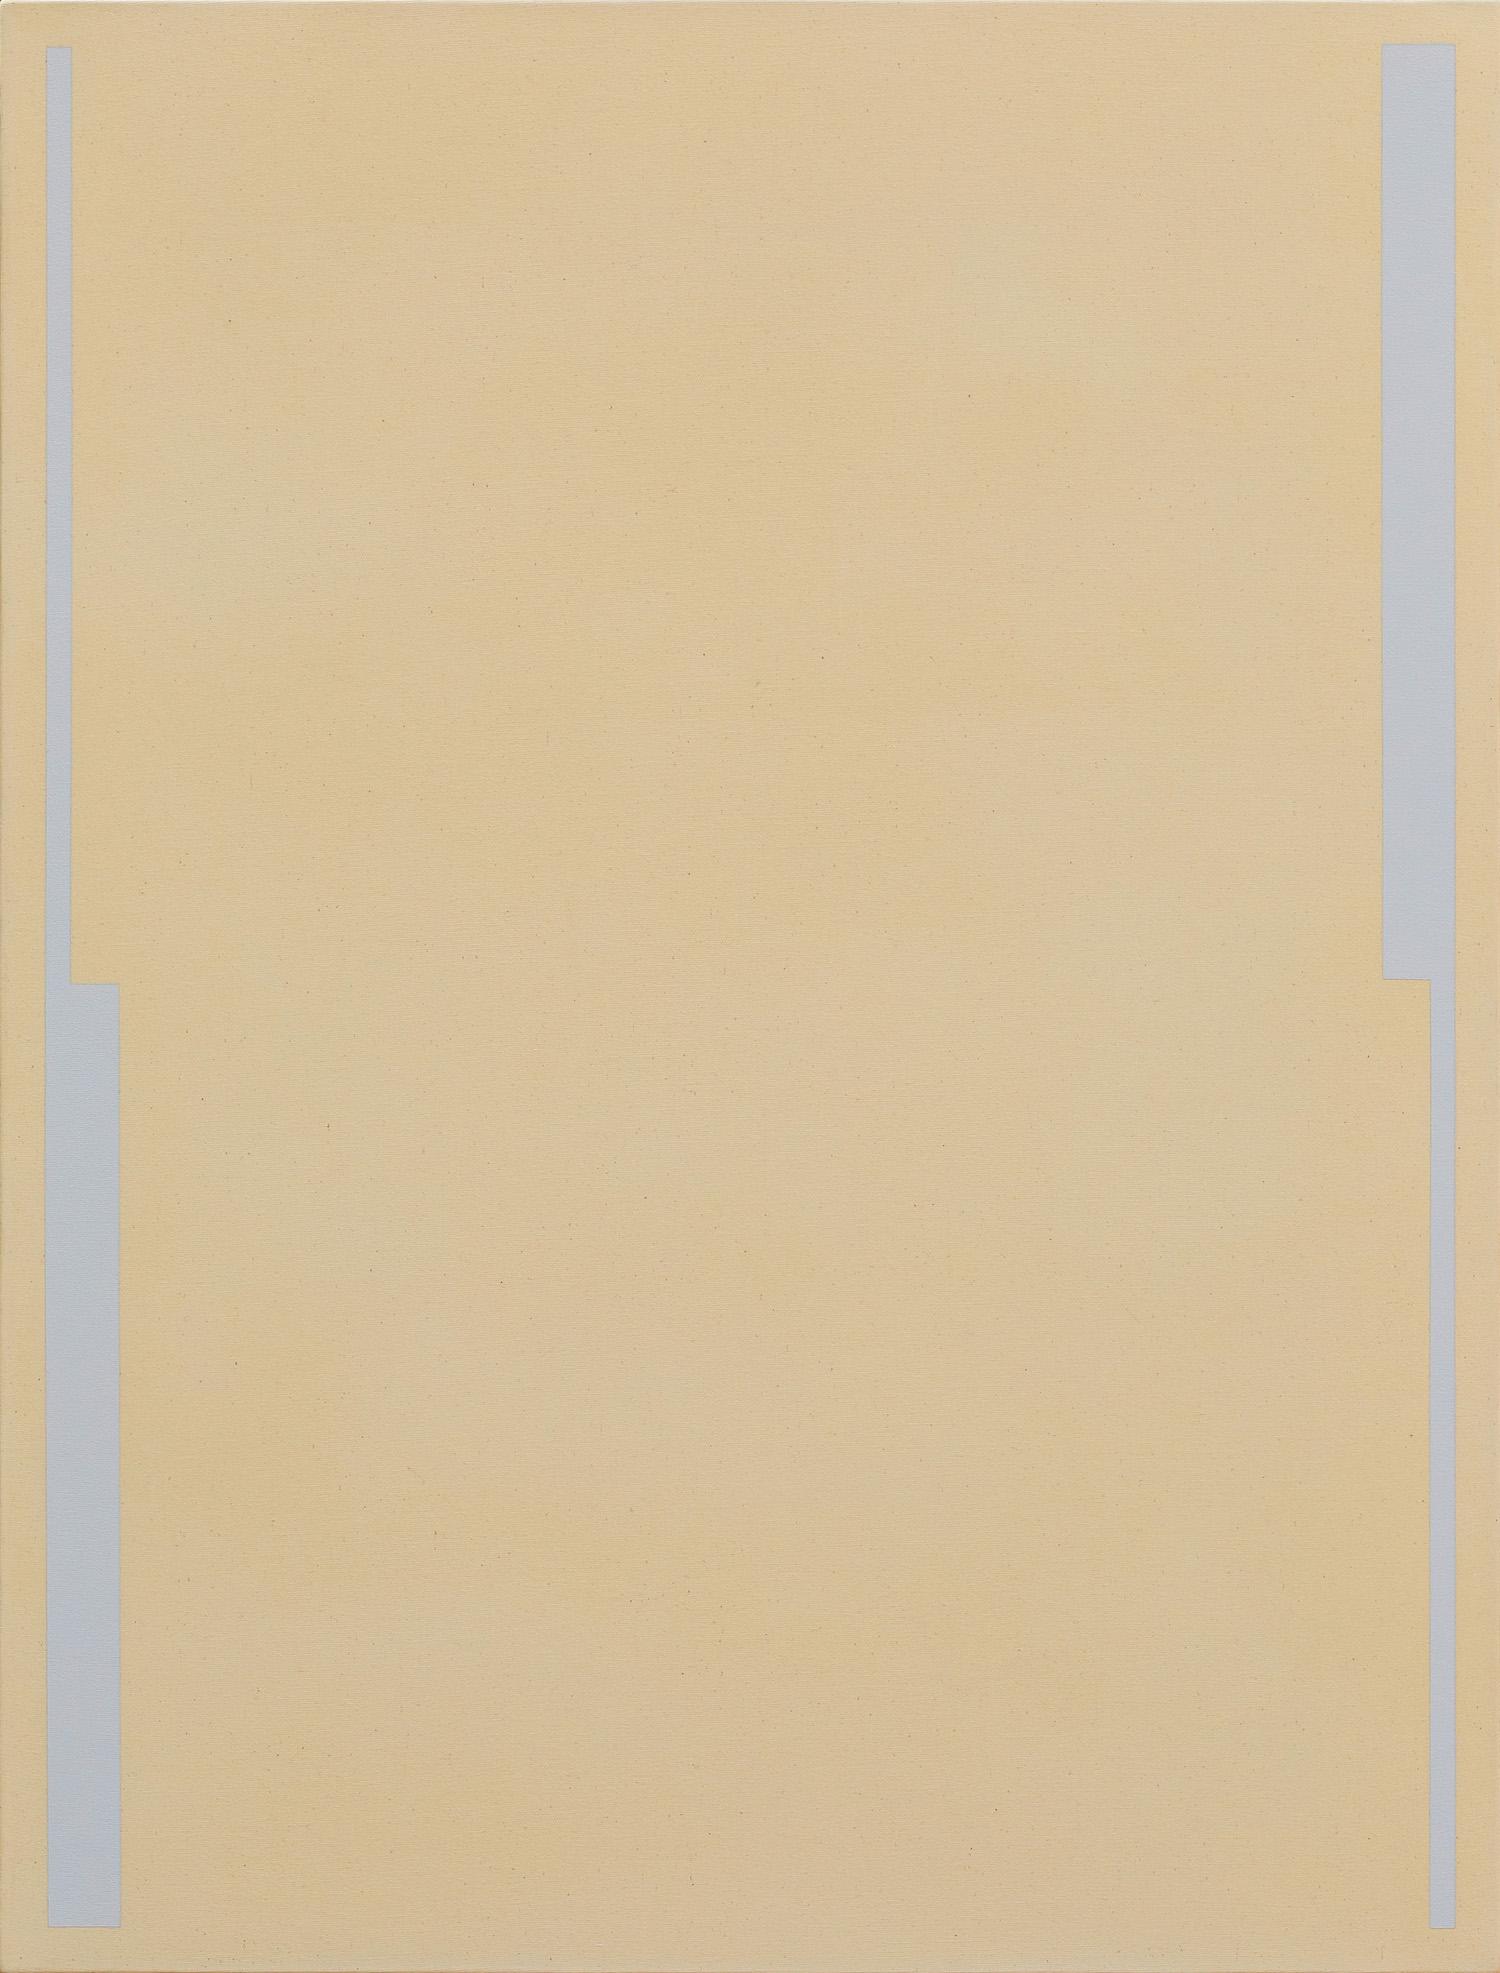 Fahd Burki  Untitled 1 2018 Acrylic gesso on canvas 84 x 64 cm